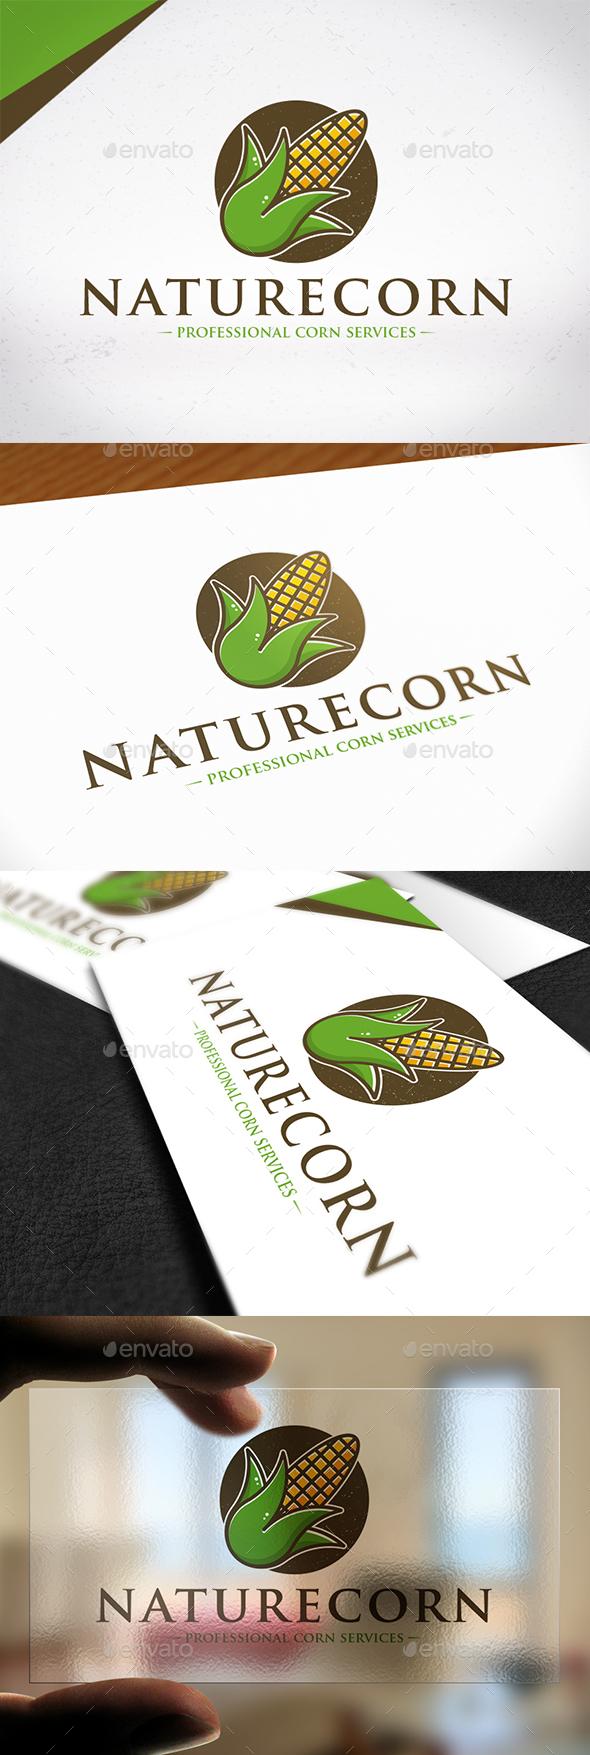 Nature Corn Logo Template - Nature Logo Templates